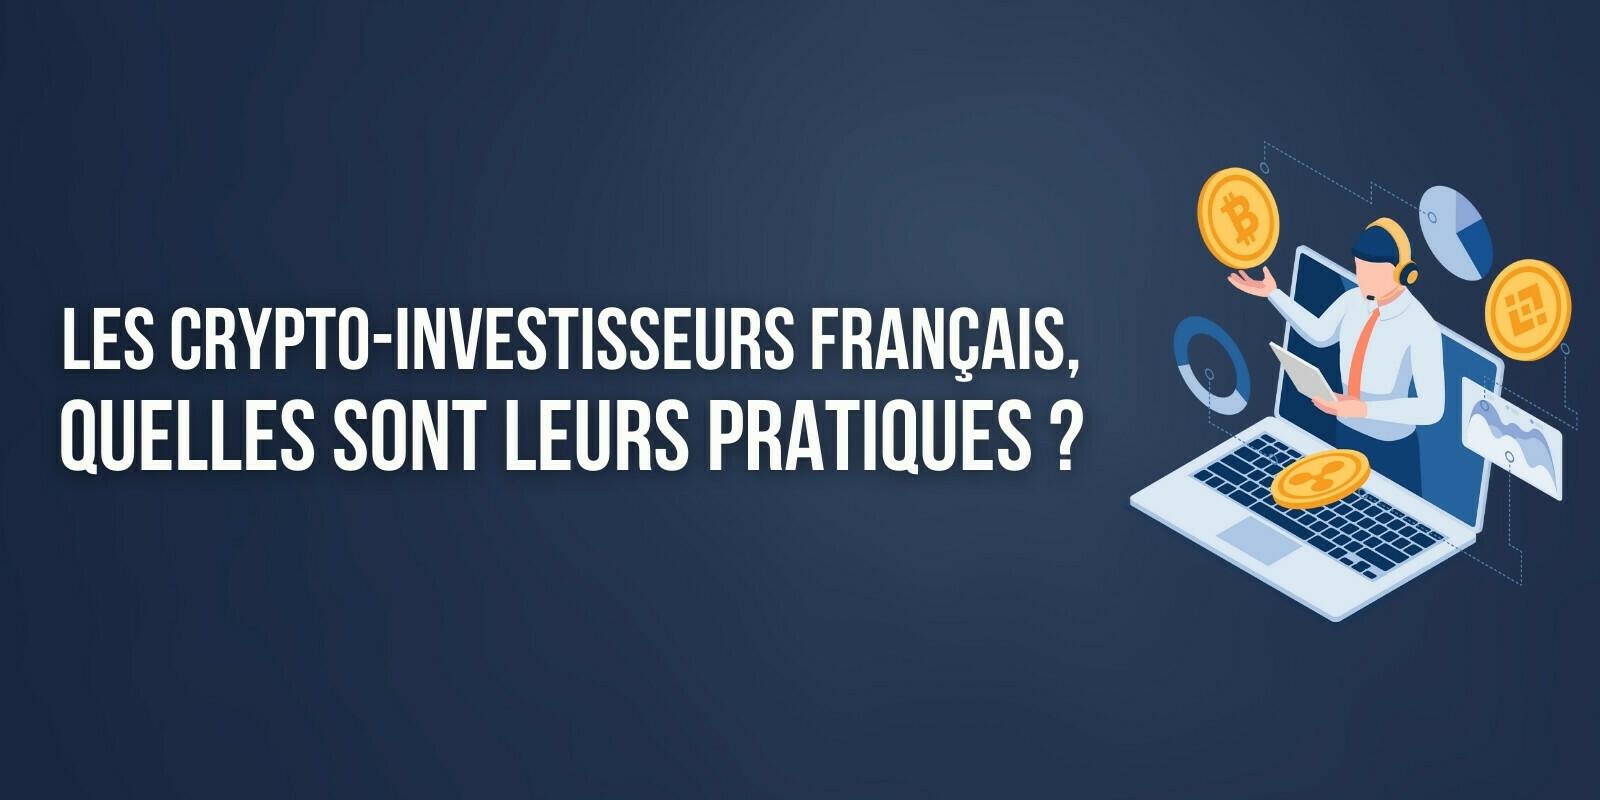 Étude de CryptoCheck – Quelles sont les méthodes d'investissement des crypto-investisseurs français ?